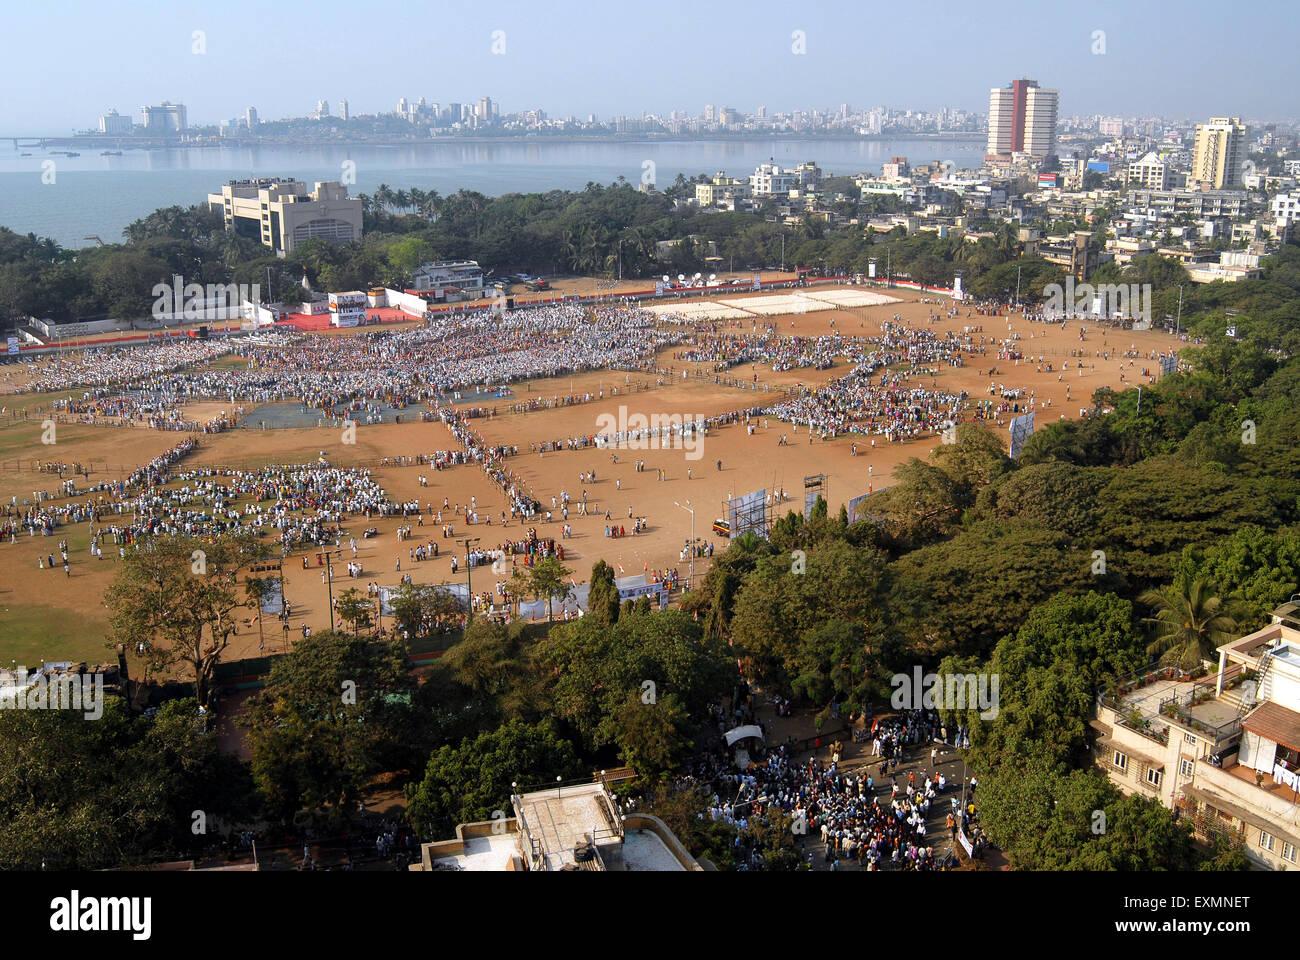 Luftaufnahme von Shivaji Park Kongress Unterstützer für Sonia Gandhi öffentlichen Kundgebung zu sammeln; Stockbild